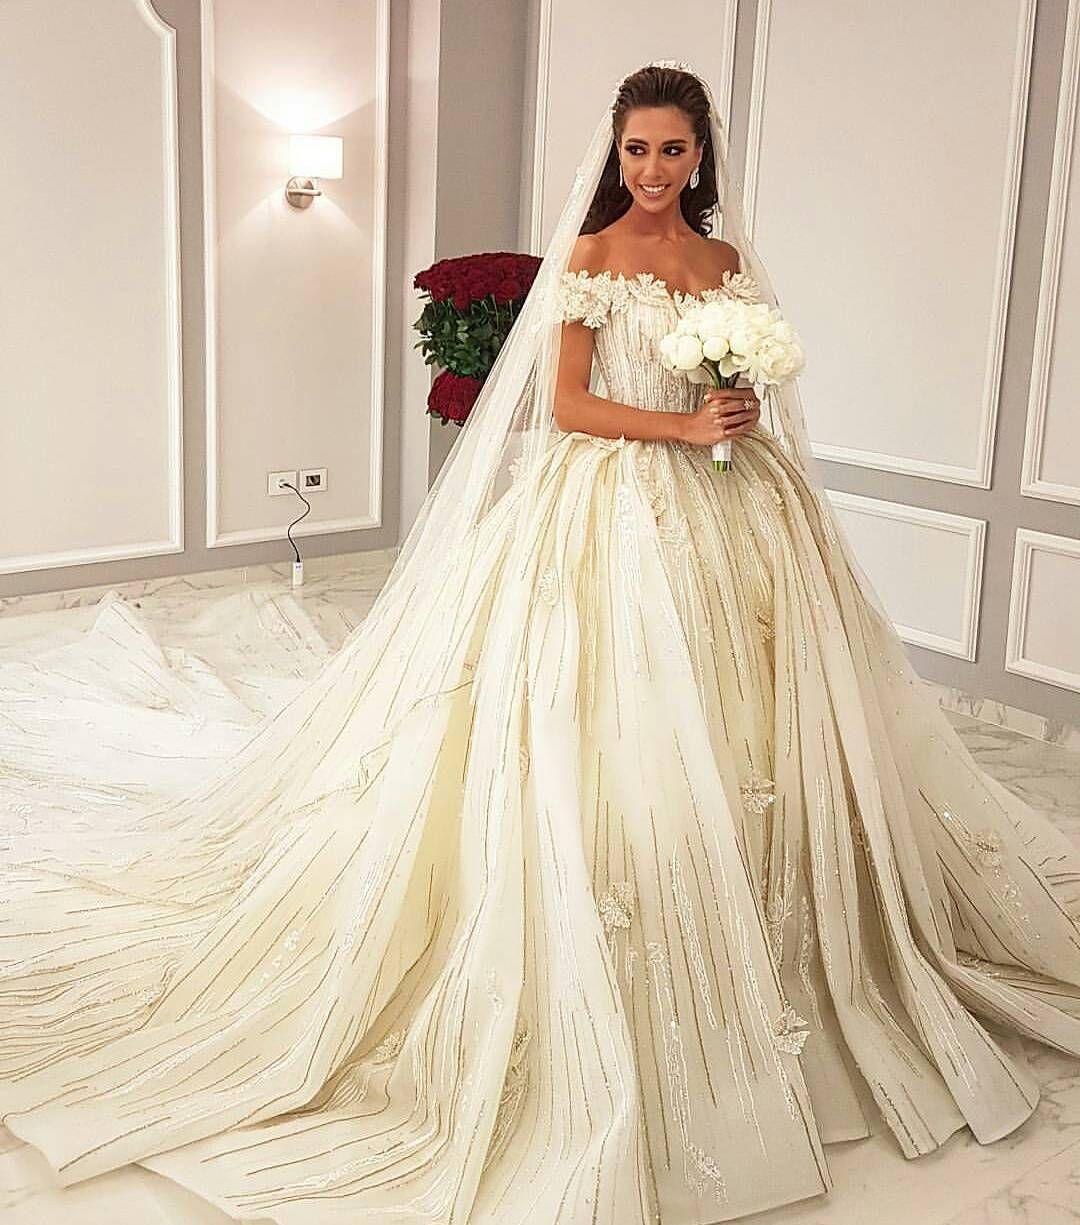 Pin von Nathali auf Casamento dos sonhos | Pinterest | Brautkleid